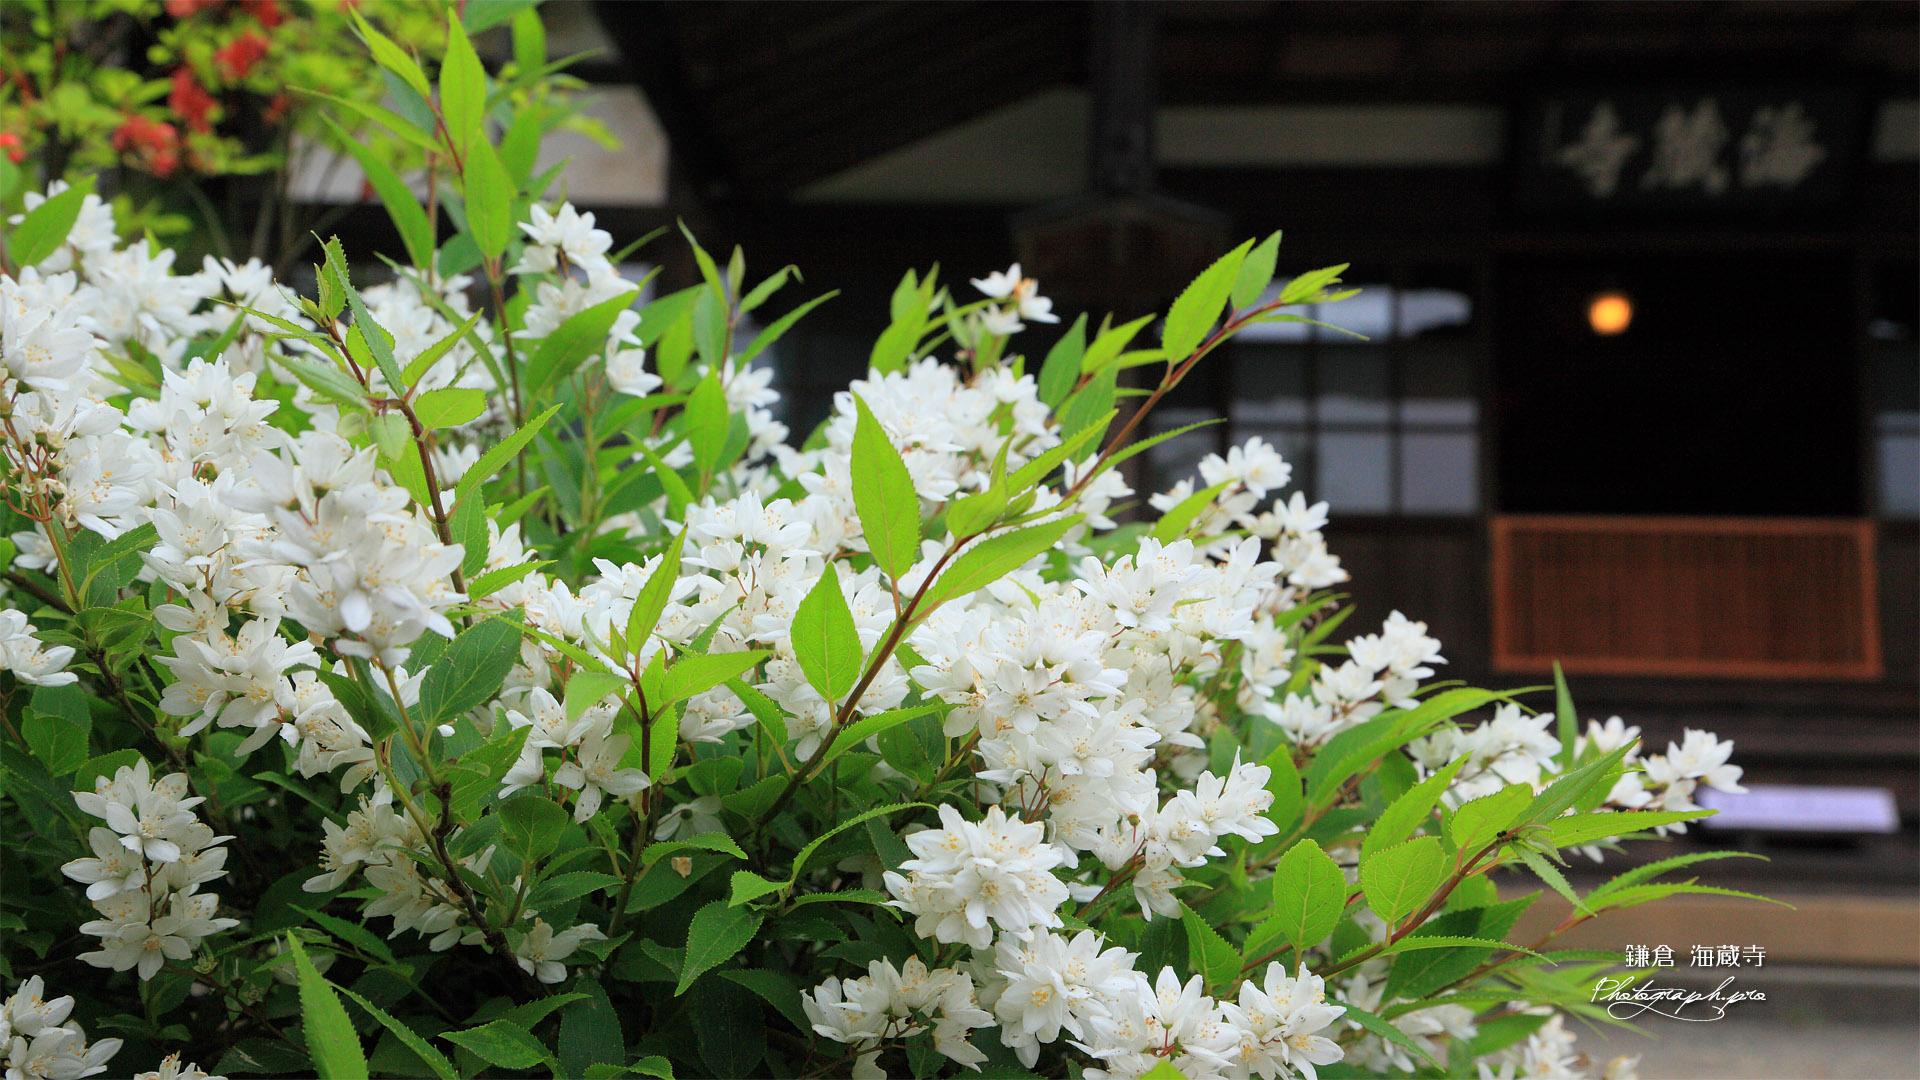 海蔵寺 ウツギと本堂